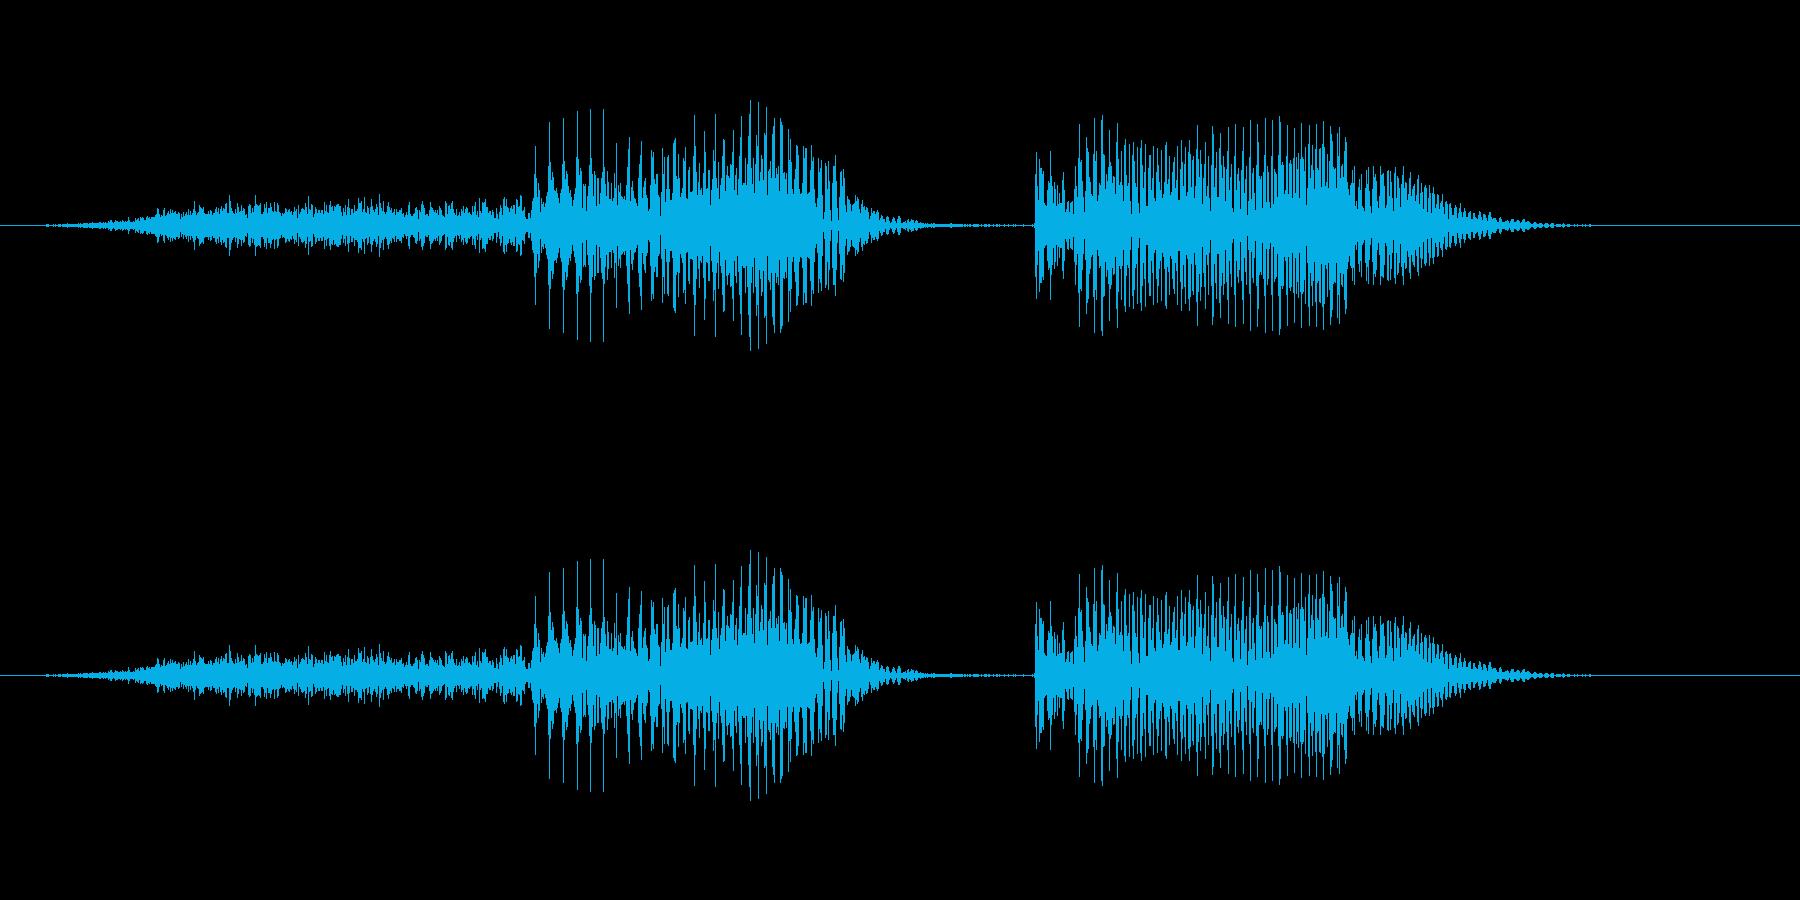 「正解!」子供クイズアプリ男性ボイスの再生済みの波形